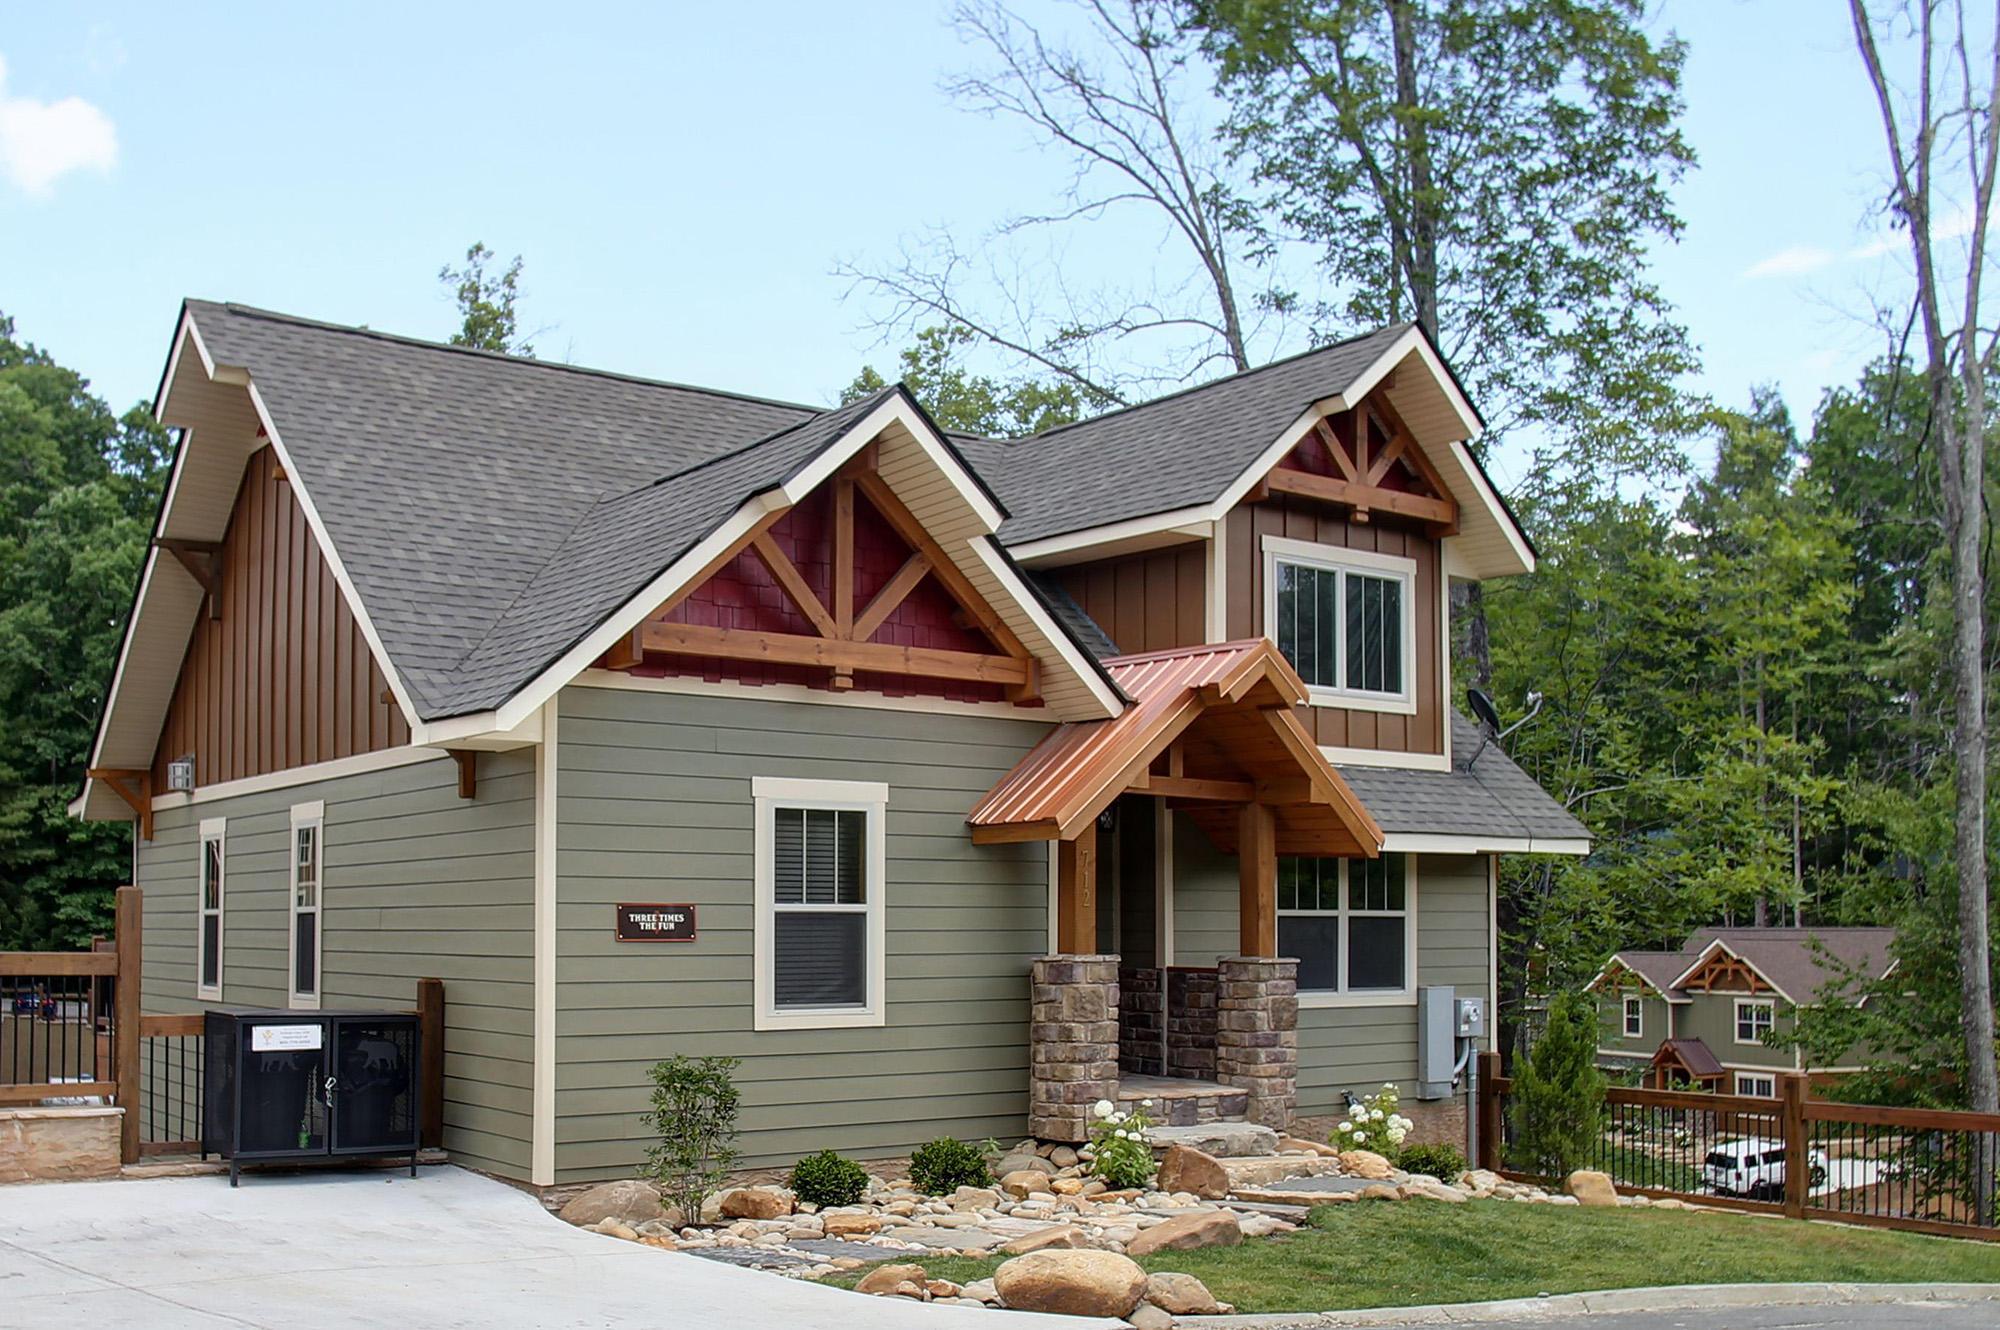 712 Still Hill Way, Gatlinburg, Tennessee 37738, 3 Bedrooms Bedrooms, ,3 BathroomsBathrooms,Single Family,For Sale,Still Hill,1117990